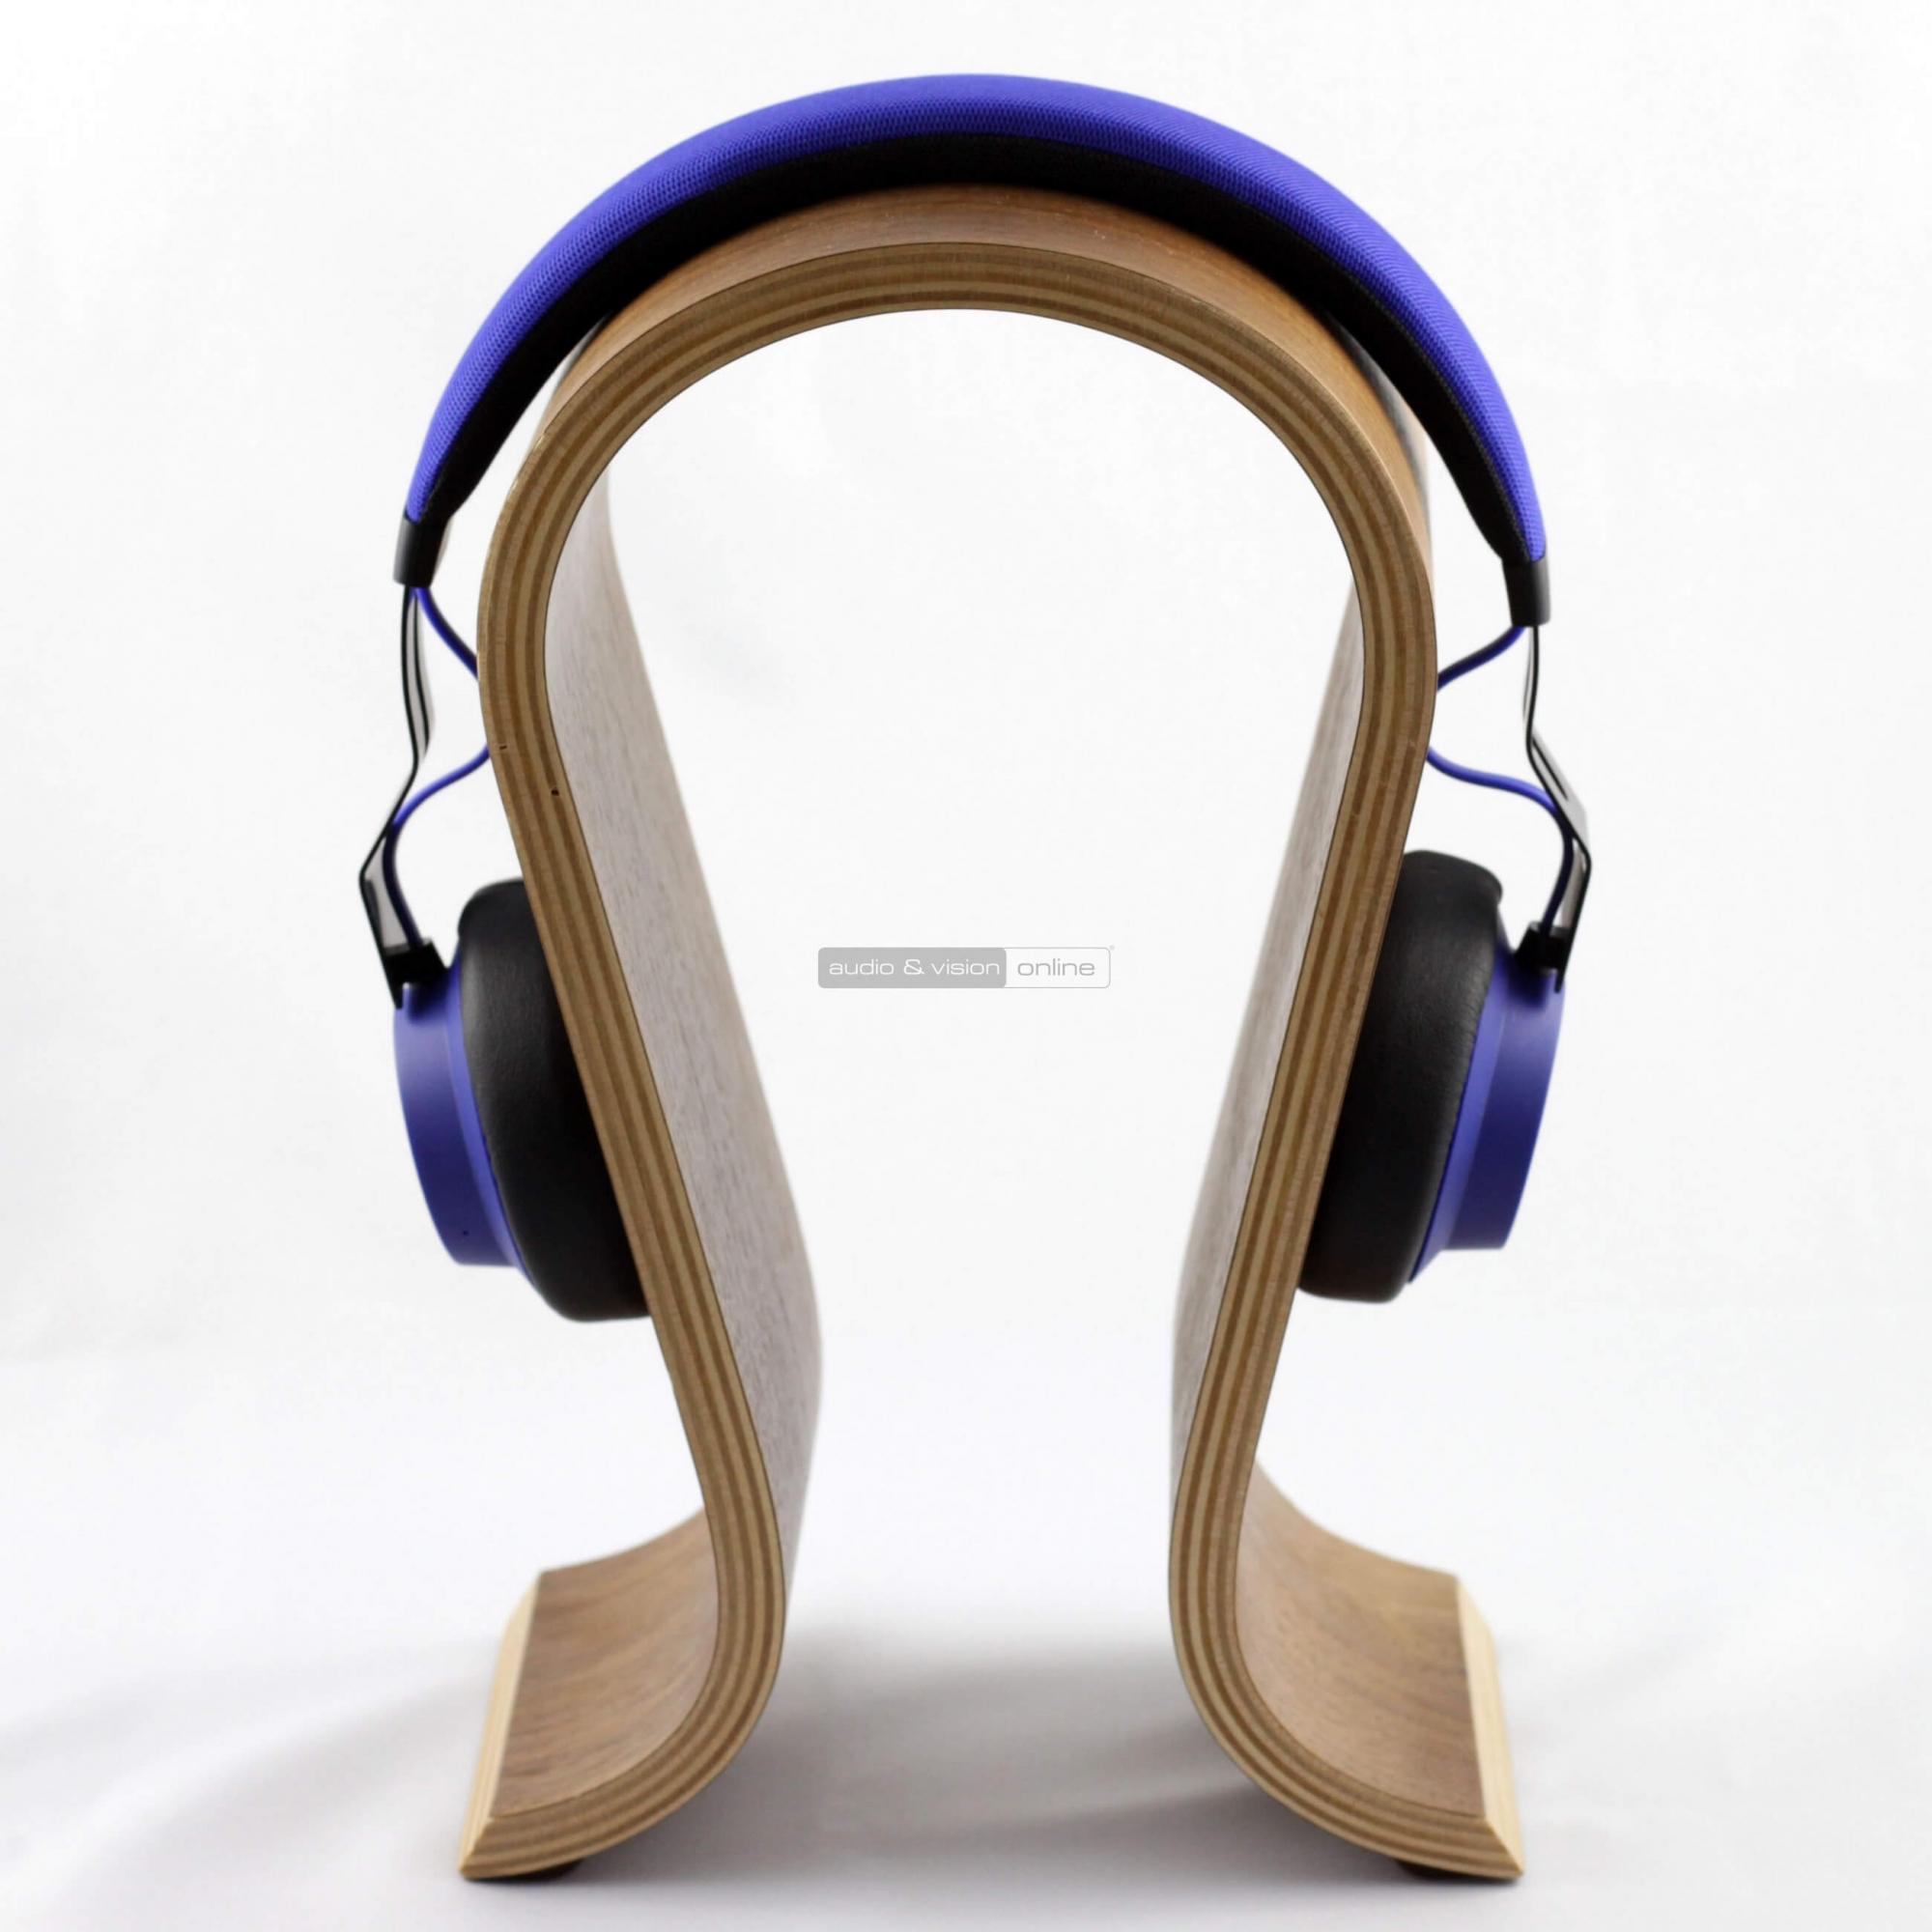 Jabra Move Wireless Bluetooth fejhallgató teszt  85005217b0